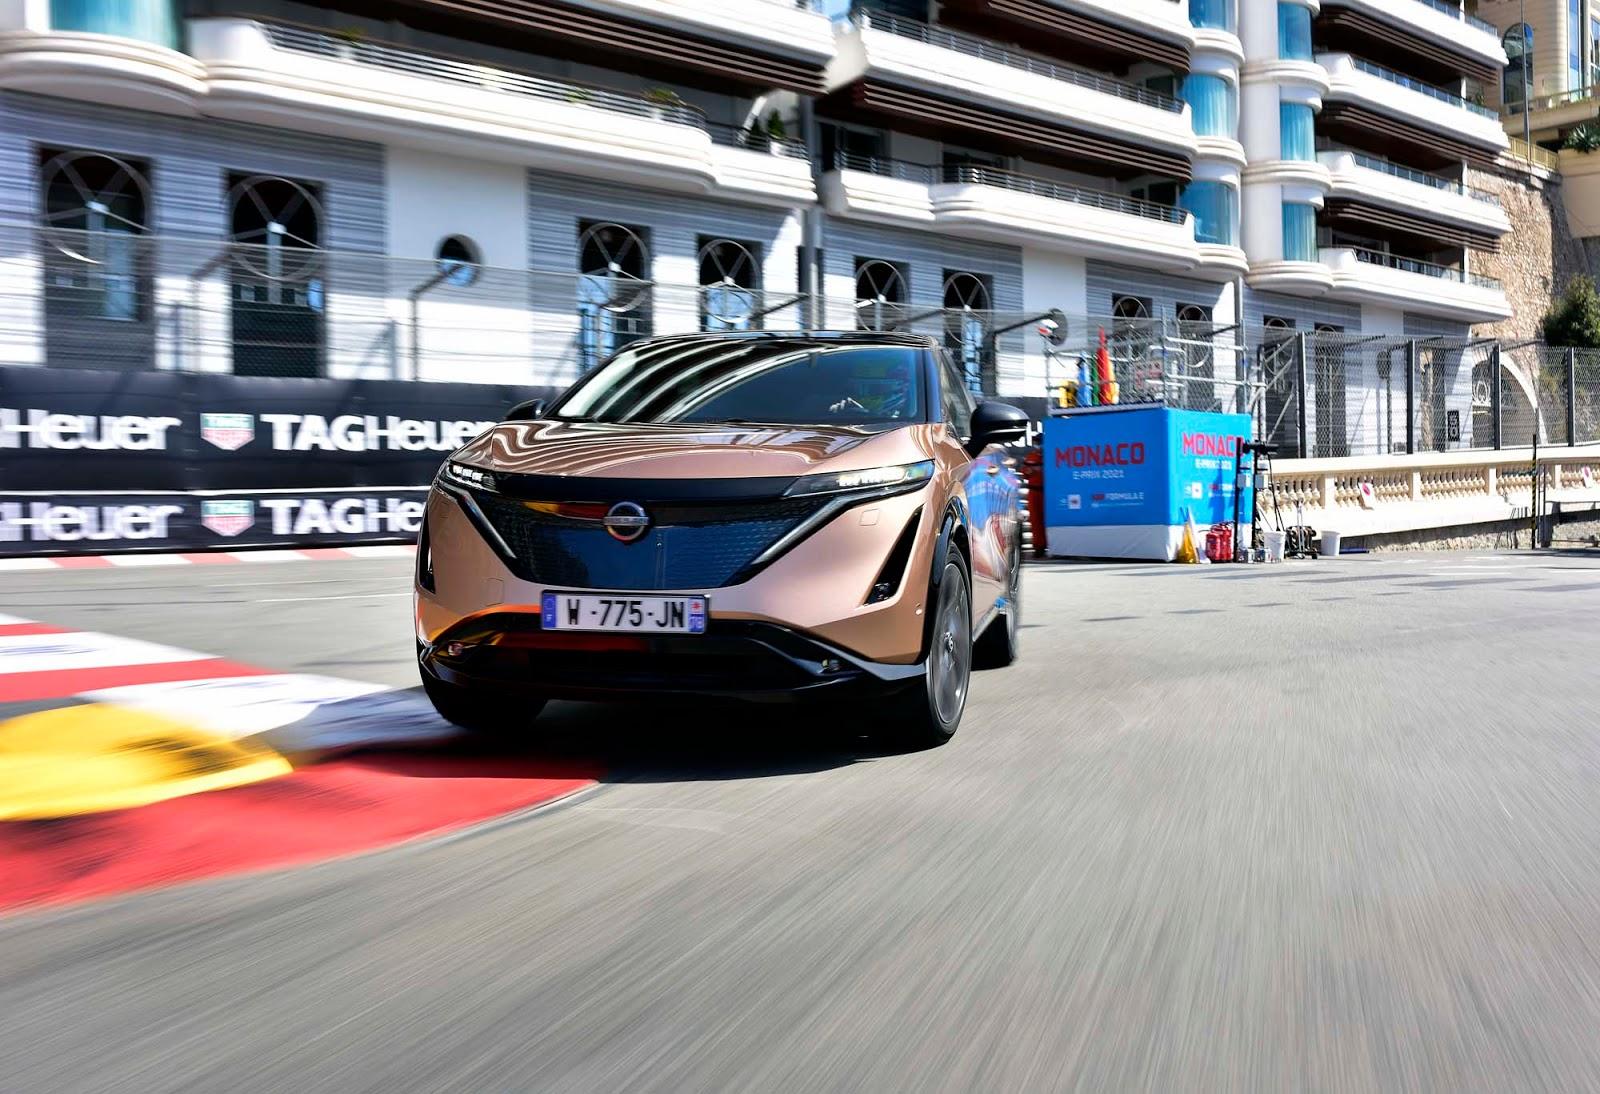 Nissan Ariya Monaco 026.JPG 1 To αμιγώς ηλεκτρικό Nissan Ariya στο σιρκουί του Μονακό